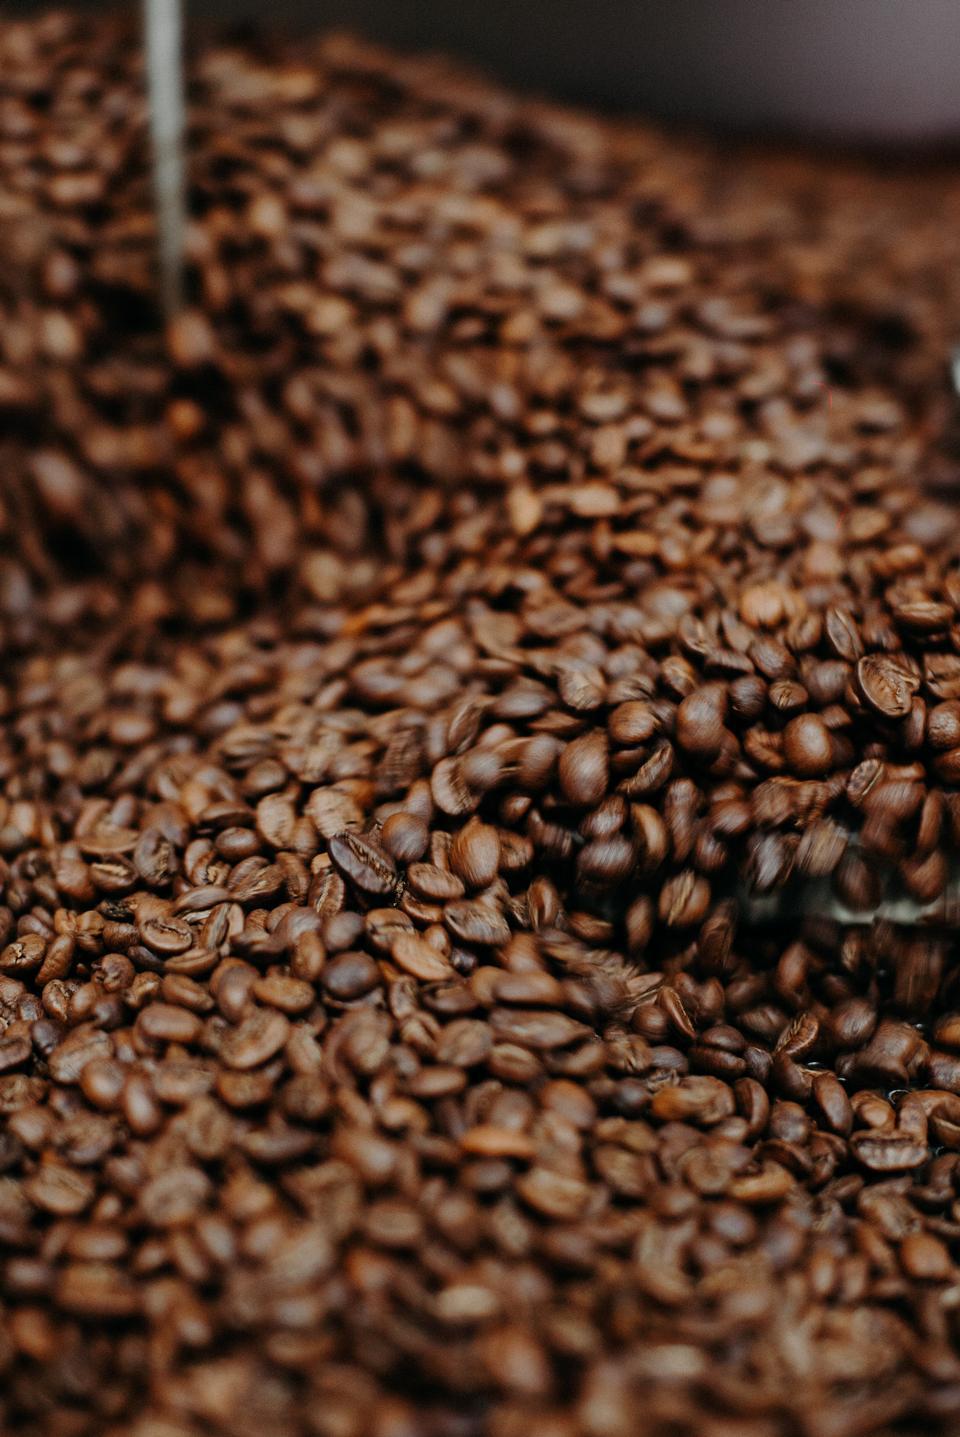 烤咖啡豆背景